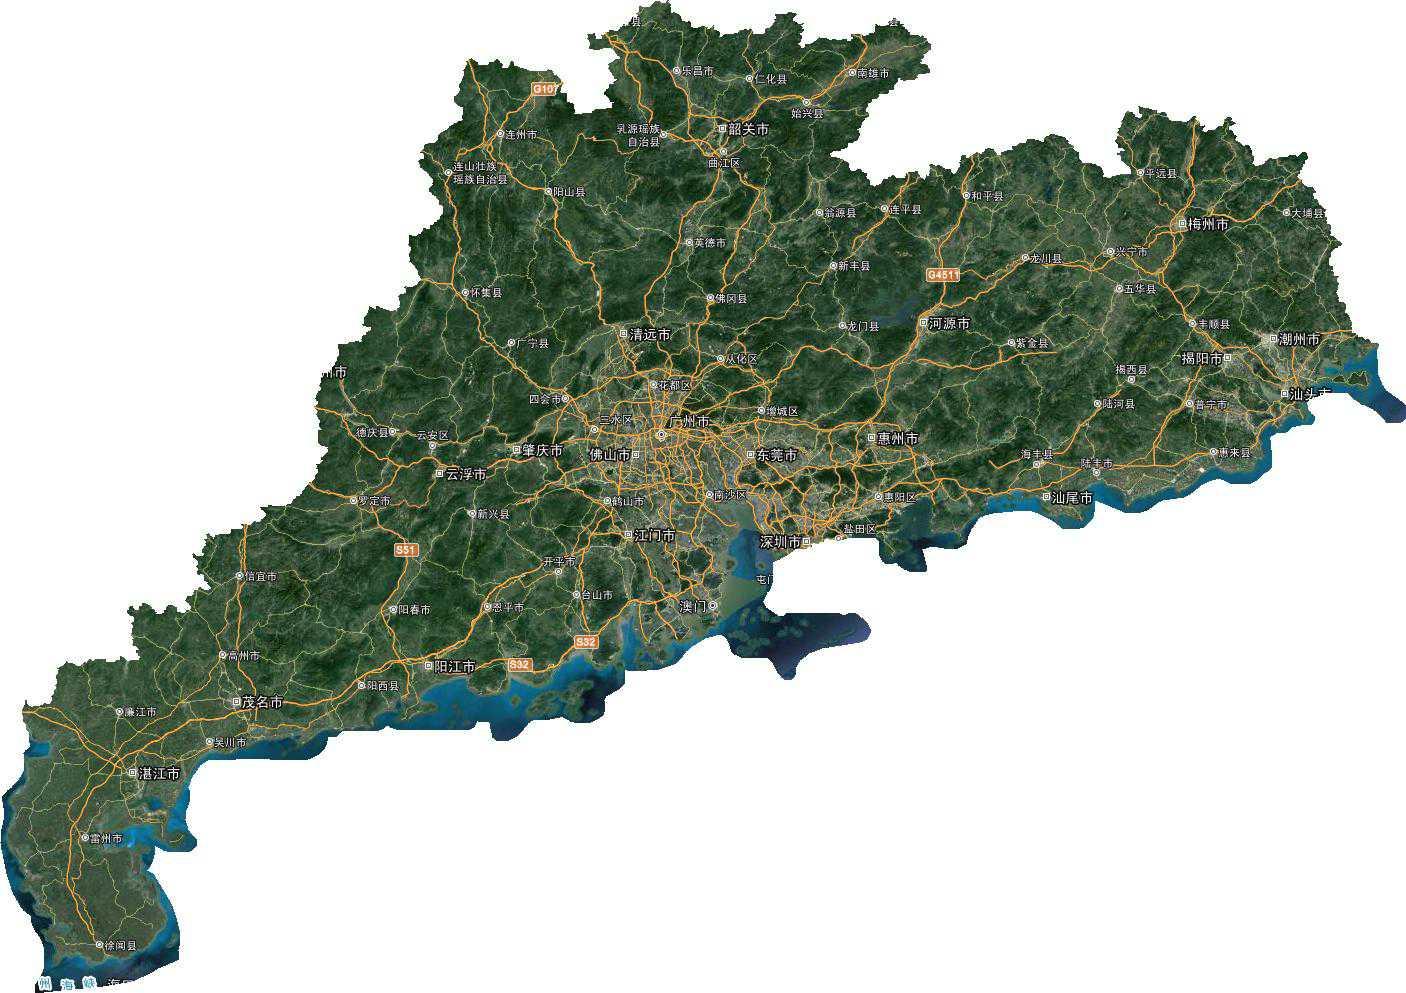 1广东省谷歌卫星地图离线包缩略图.jpg